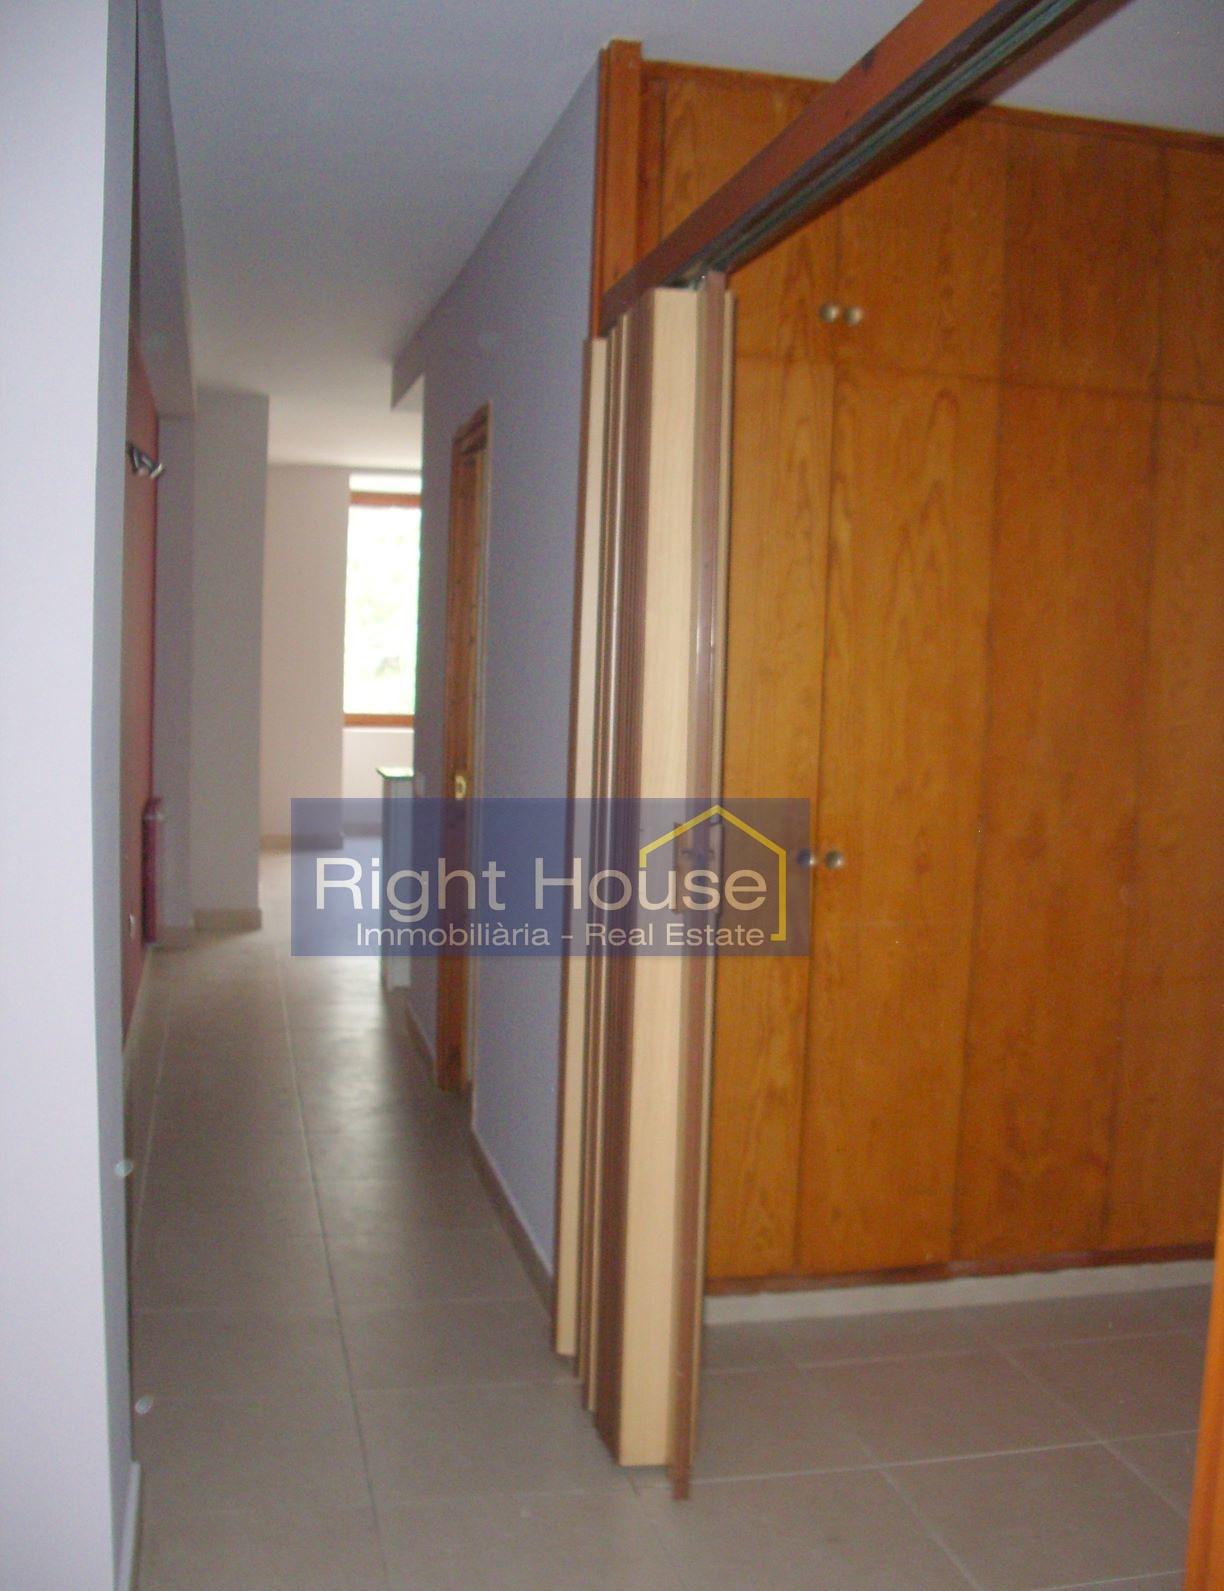 Pis de lloguer a Escaldes Engordany, 1 habitació, 60 metres